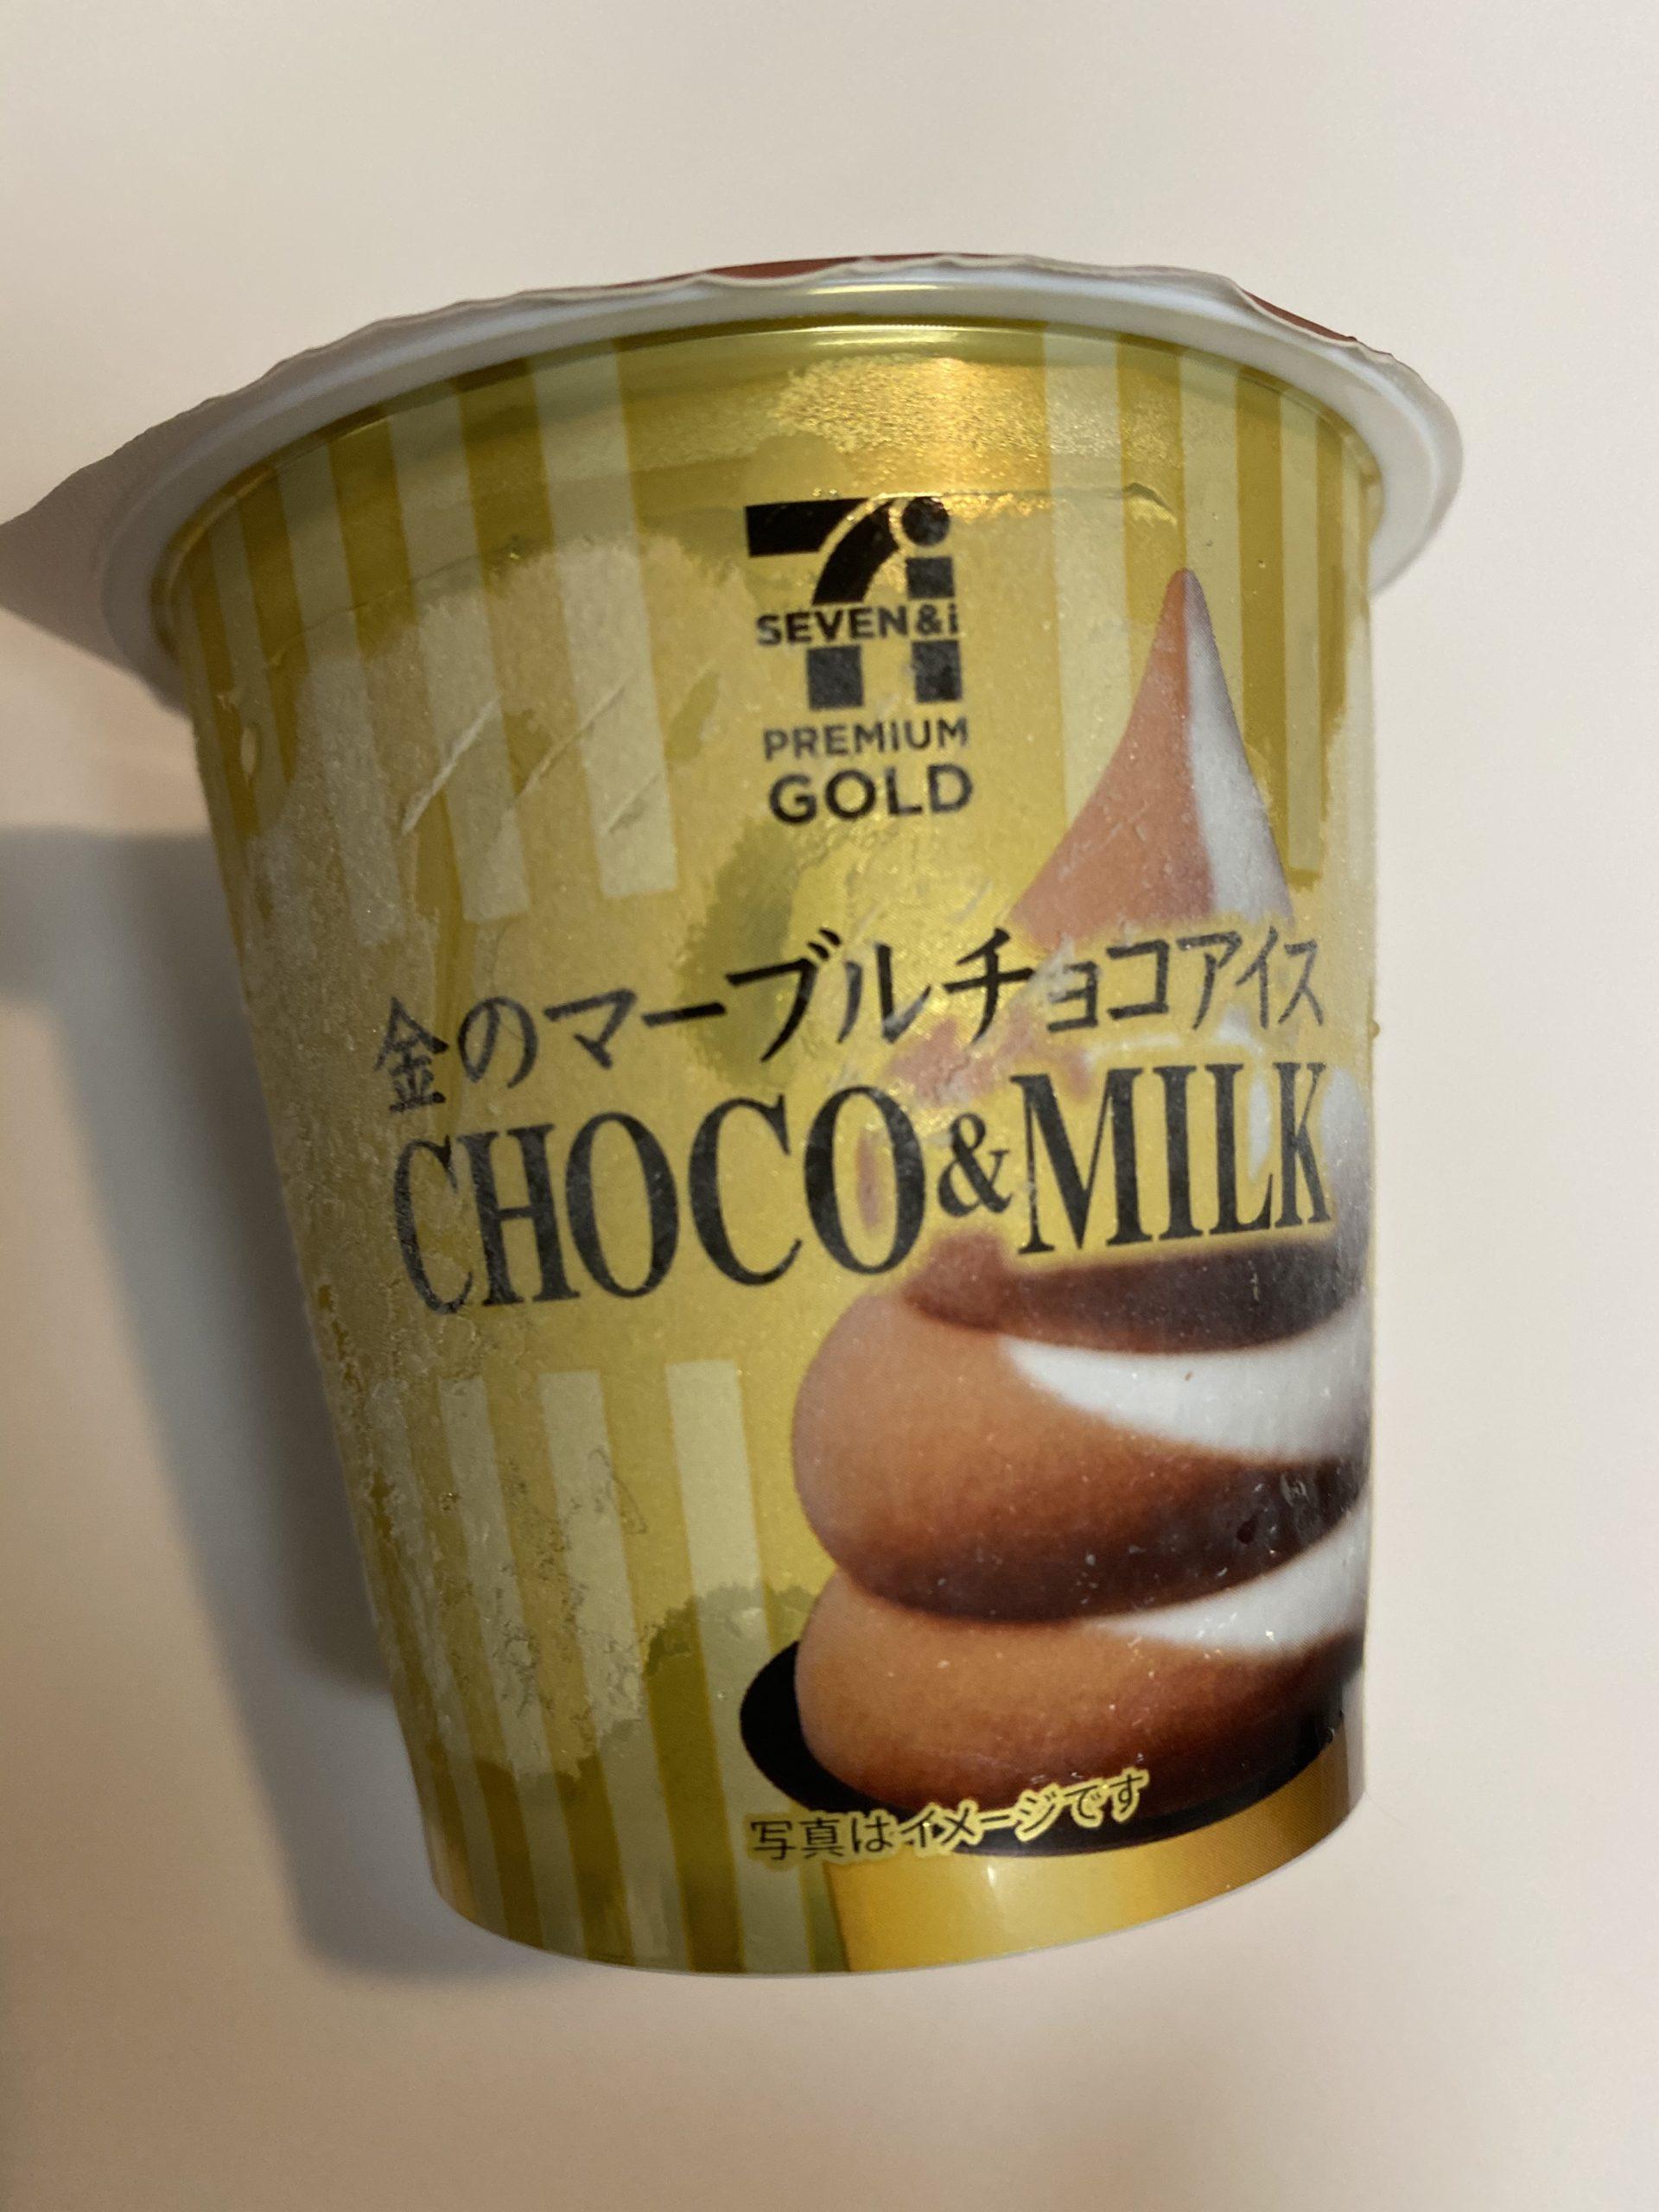 セブンイレブンスイーツ金のマーブルチョコアイス